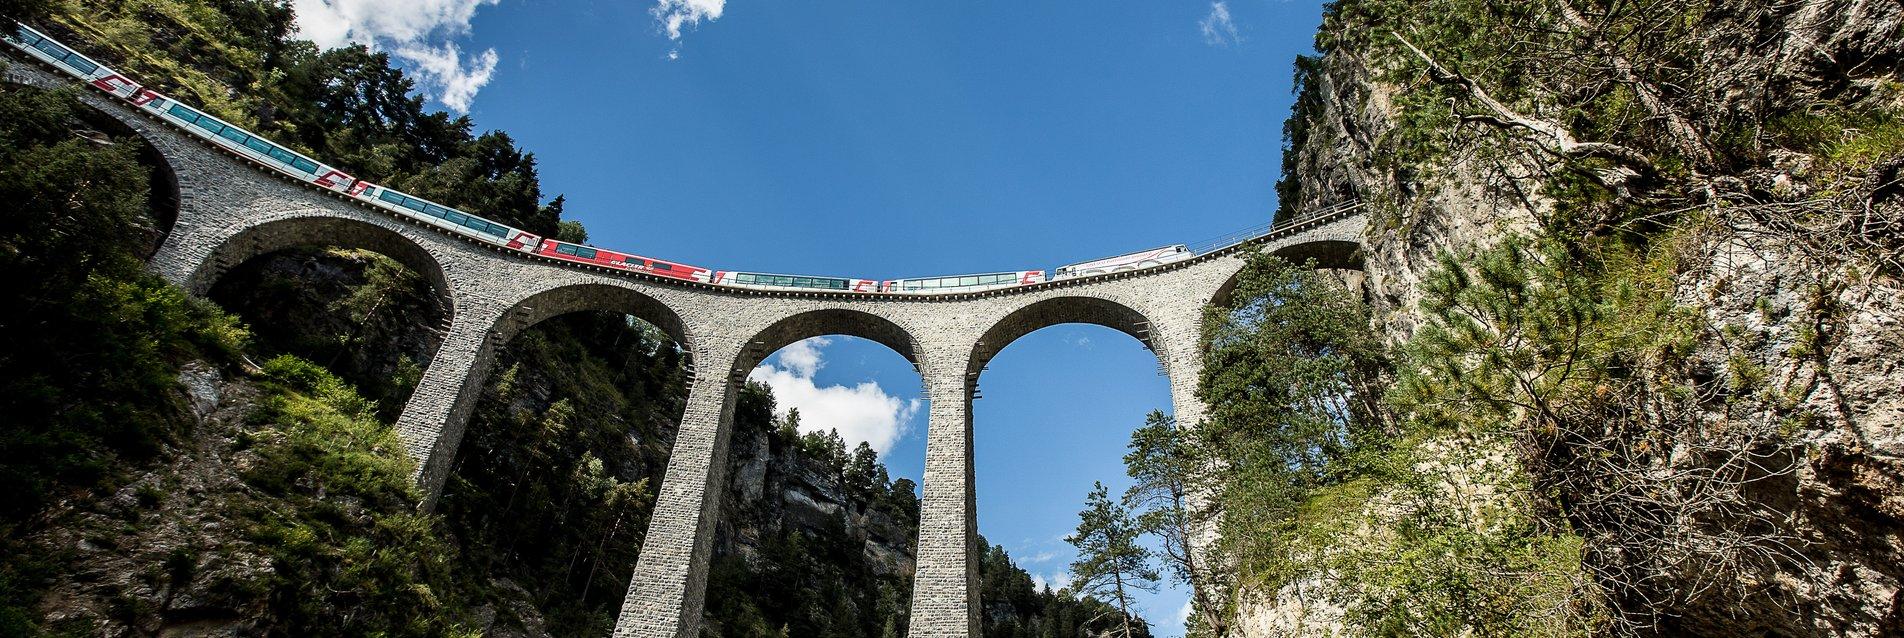 Rhaetische Bahn: Glacier Express - Landwasserviadukt